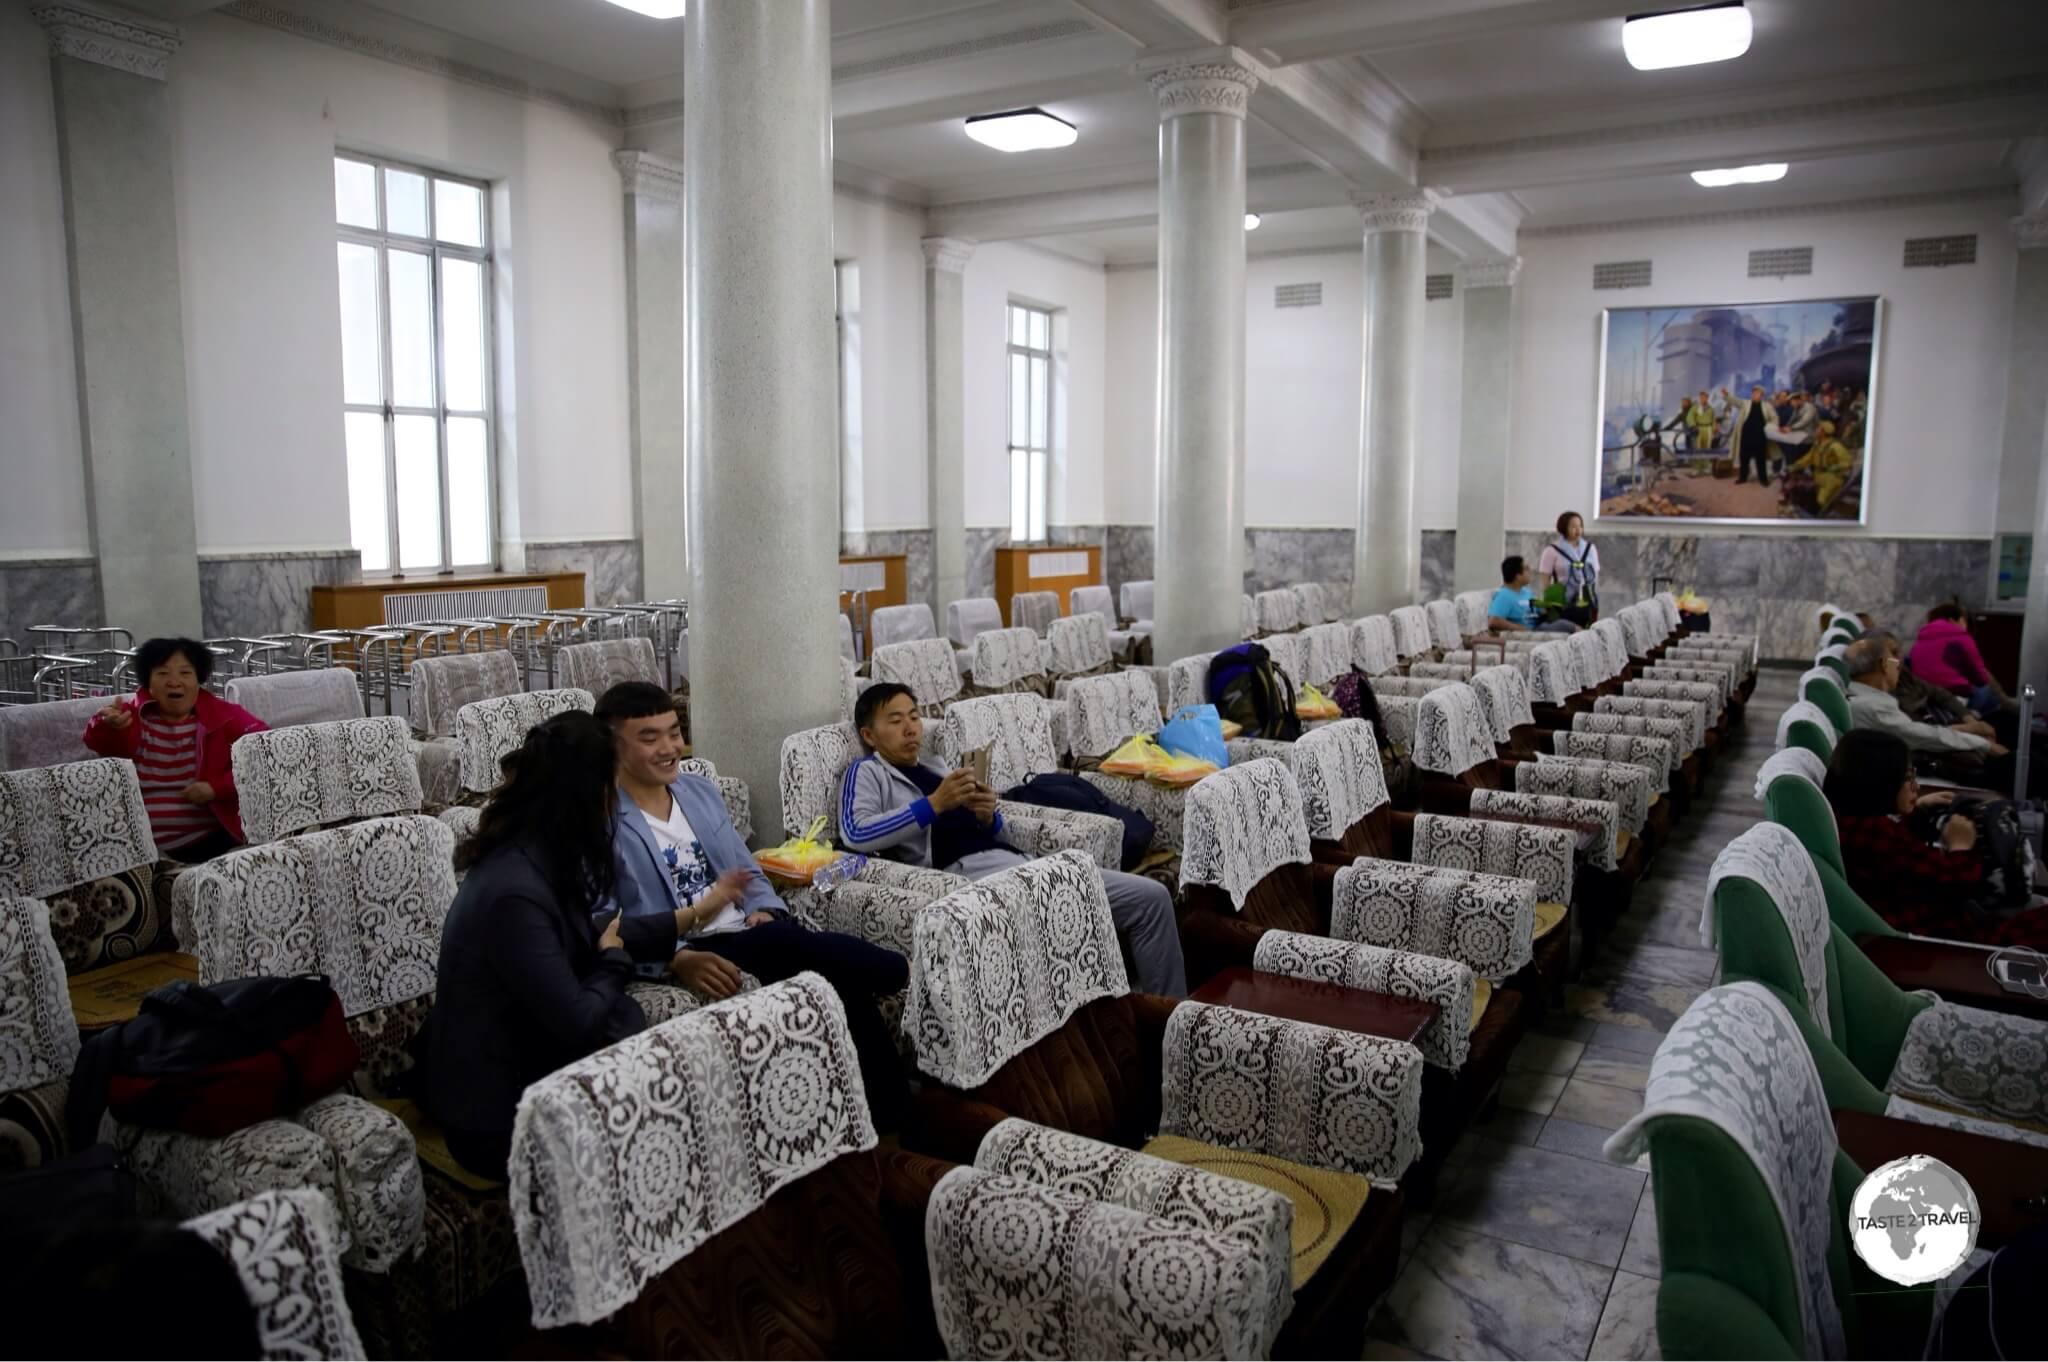 The waiting room at Pyongyang station.